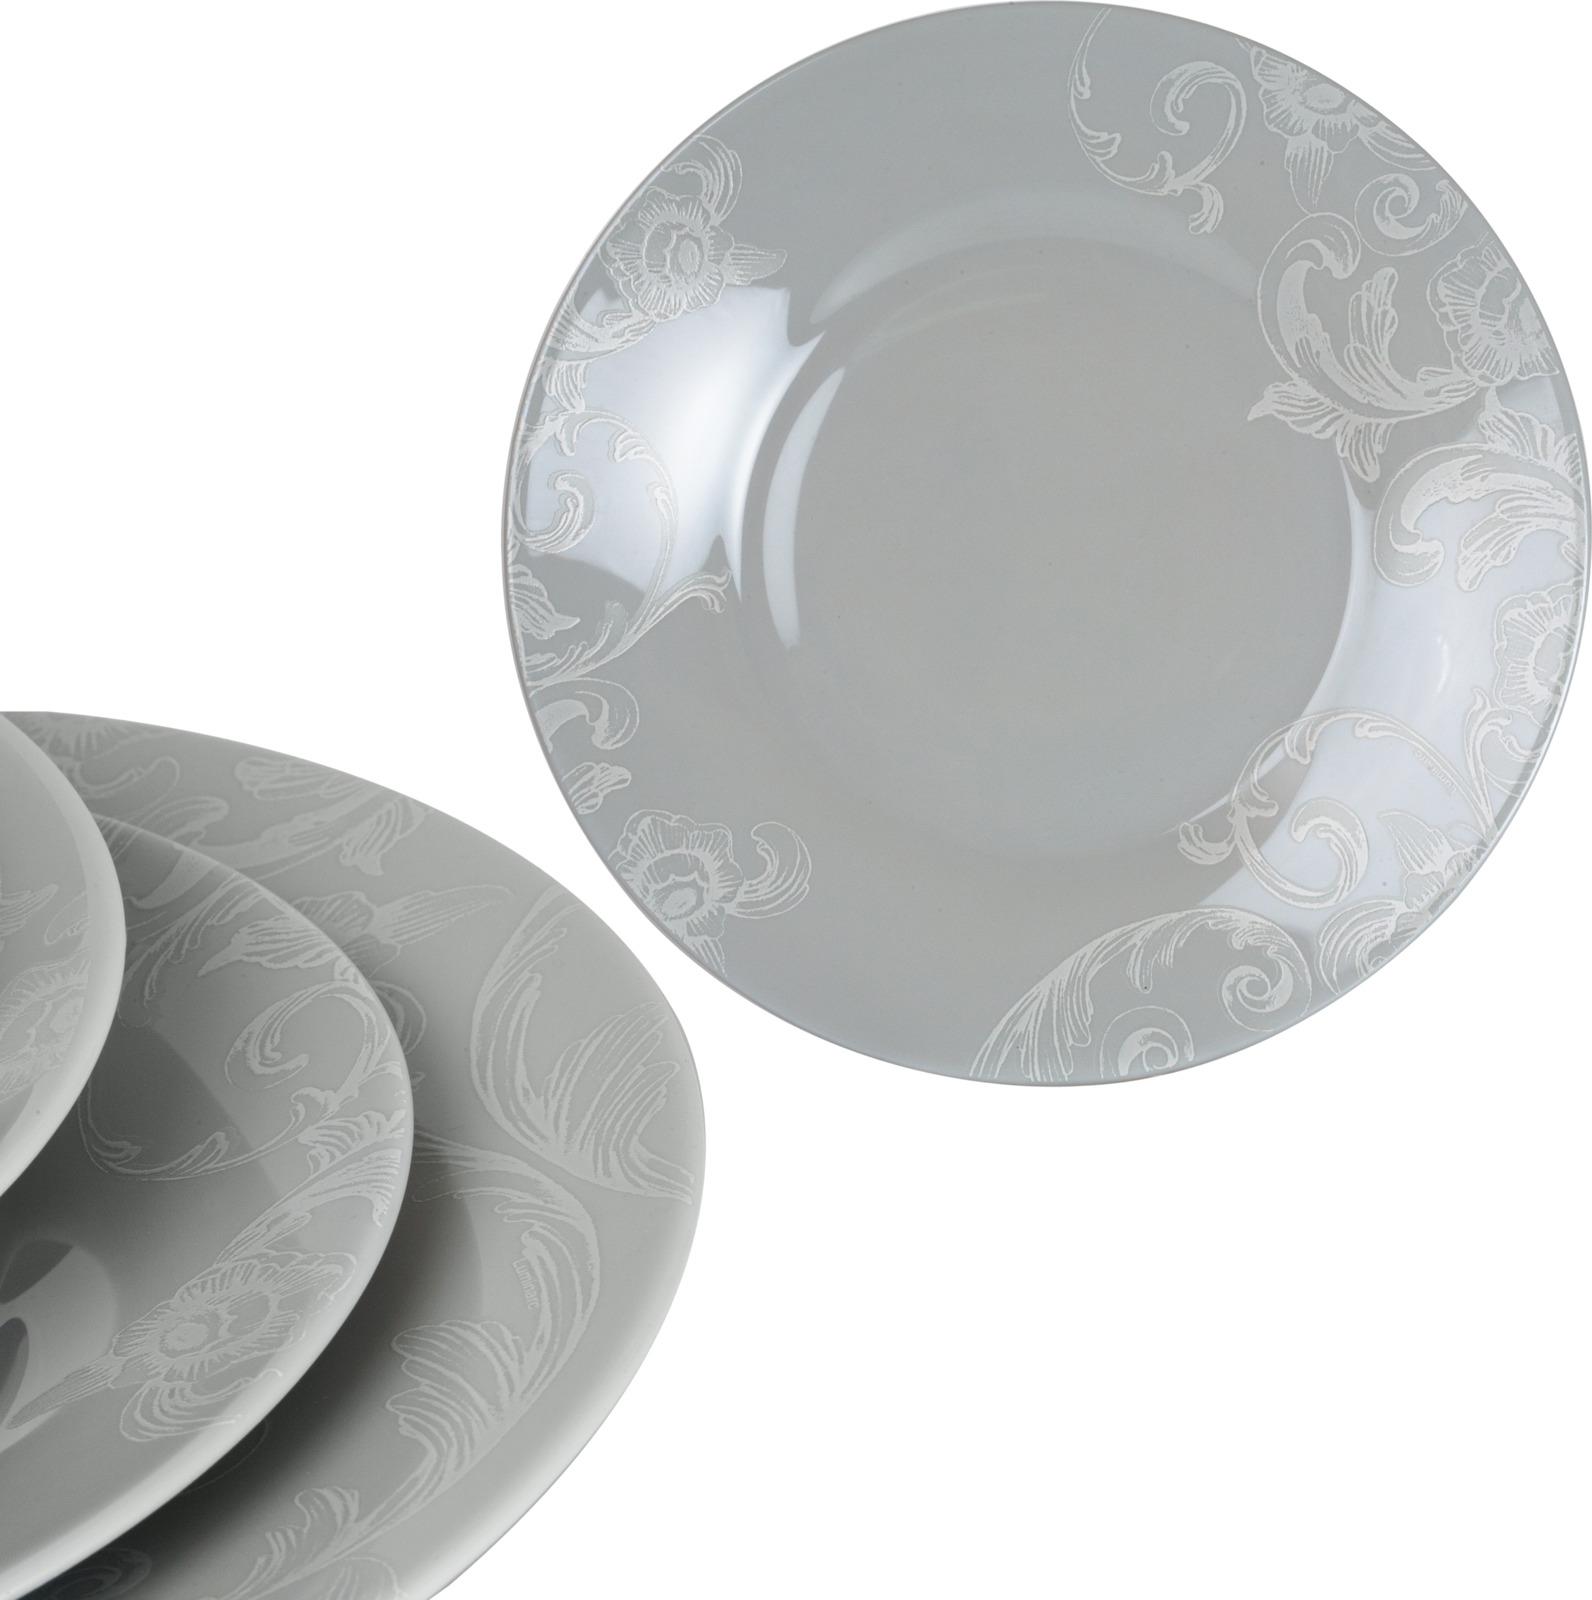 Тарелка десертная Luminarc Дусин, P0239, серый, диаметр 22 см тарелка десертная luminarc bulla 22 см